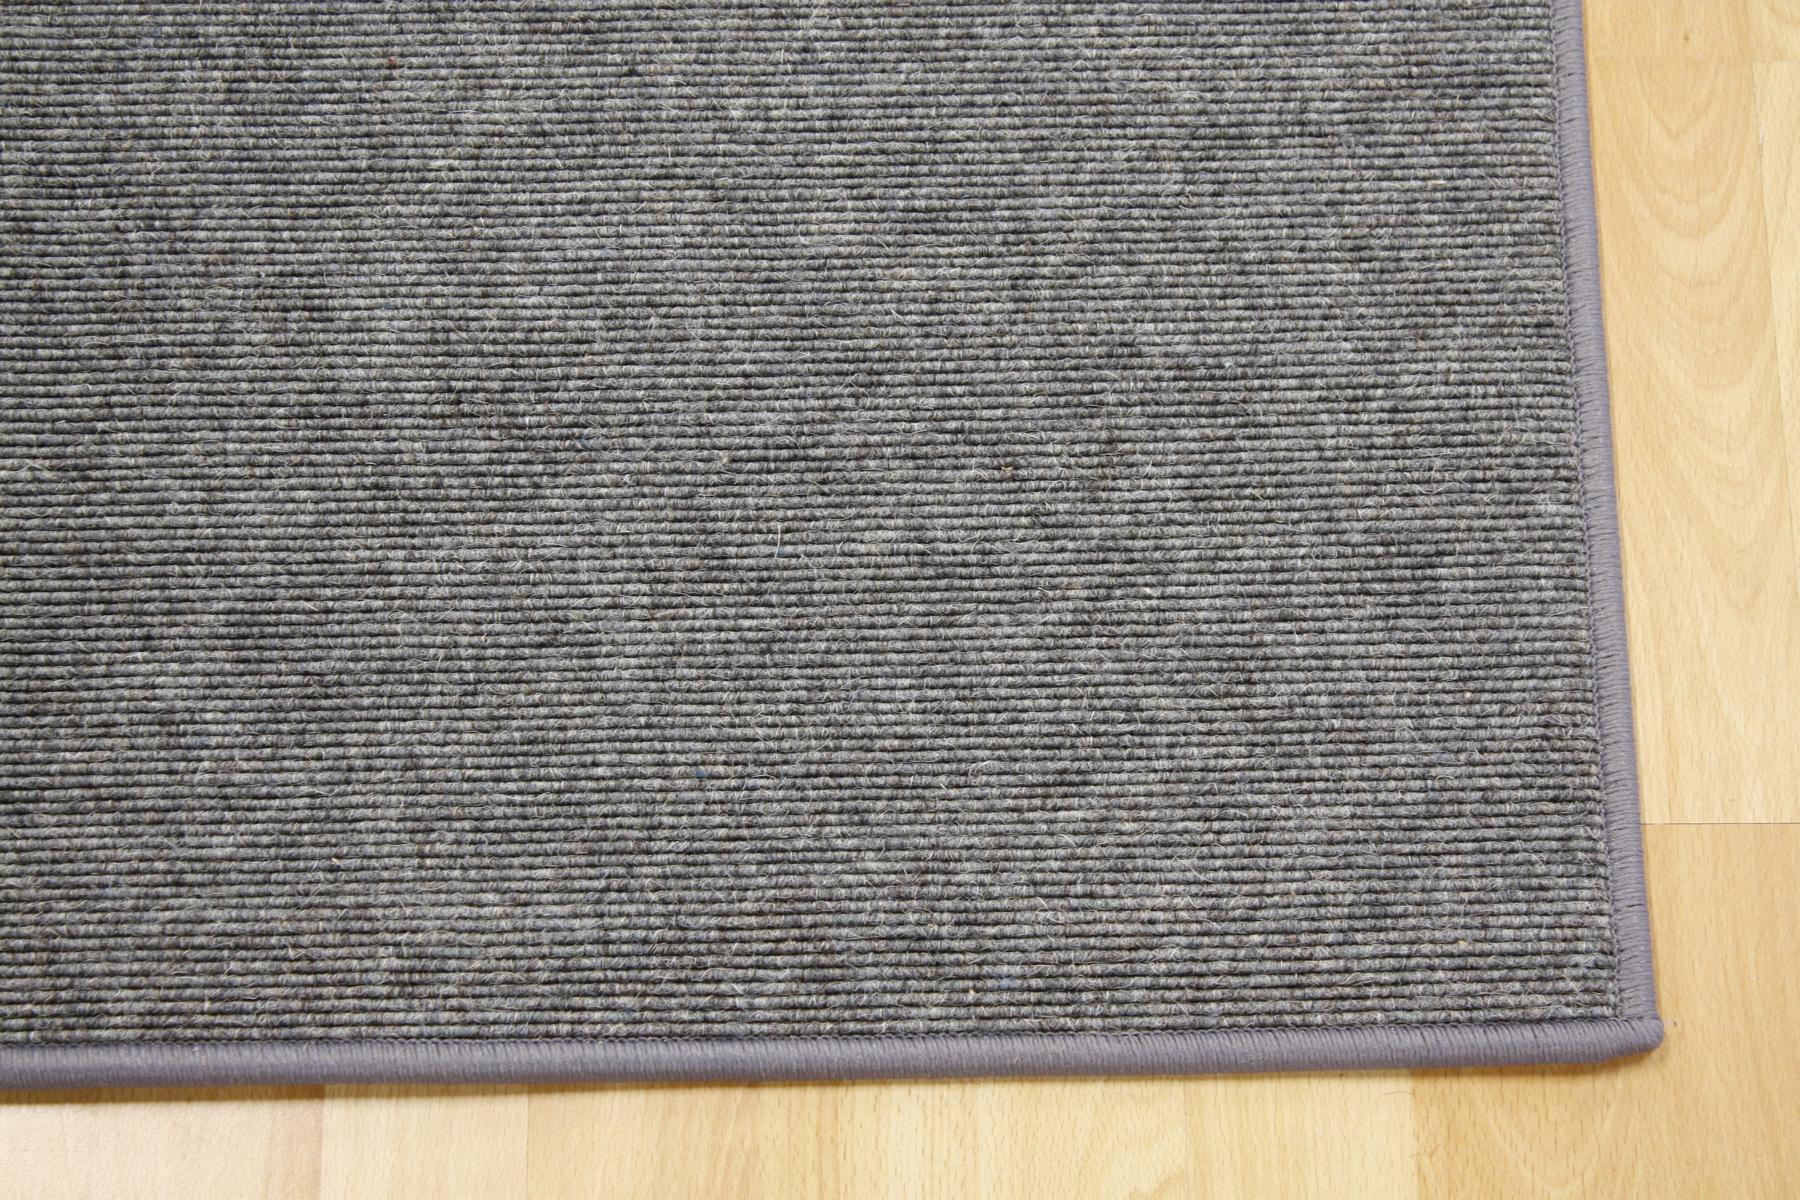 teppich tretford 523 umkettelt 250 x 200 cm ziegenhaar interland ebay. Black Bedroom Furniture Sets. Home Design Ideas